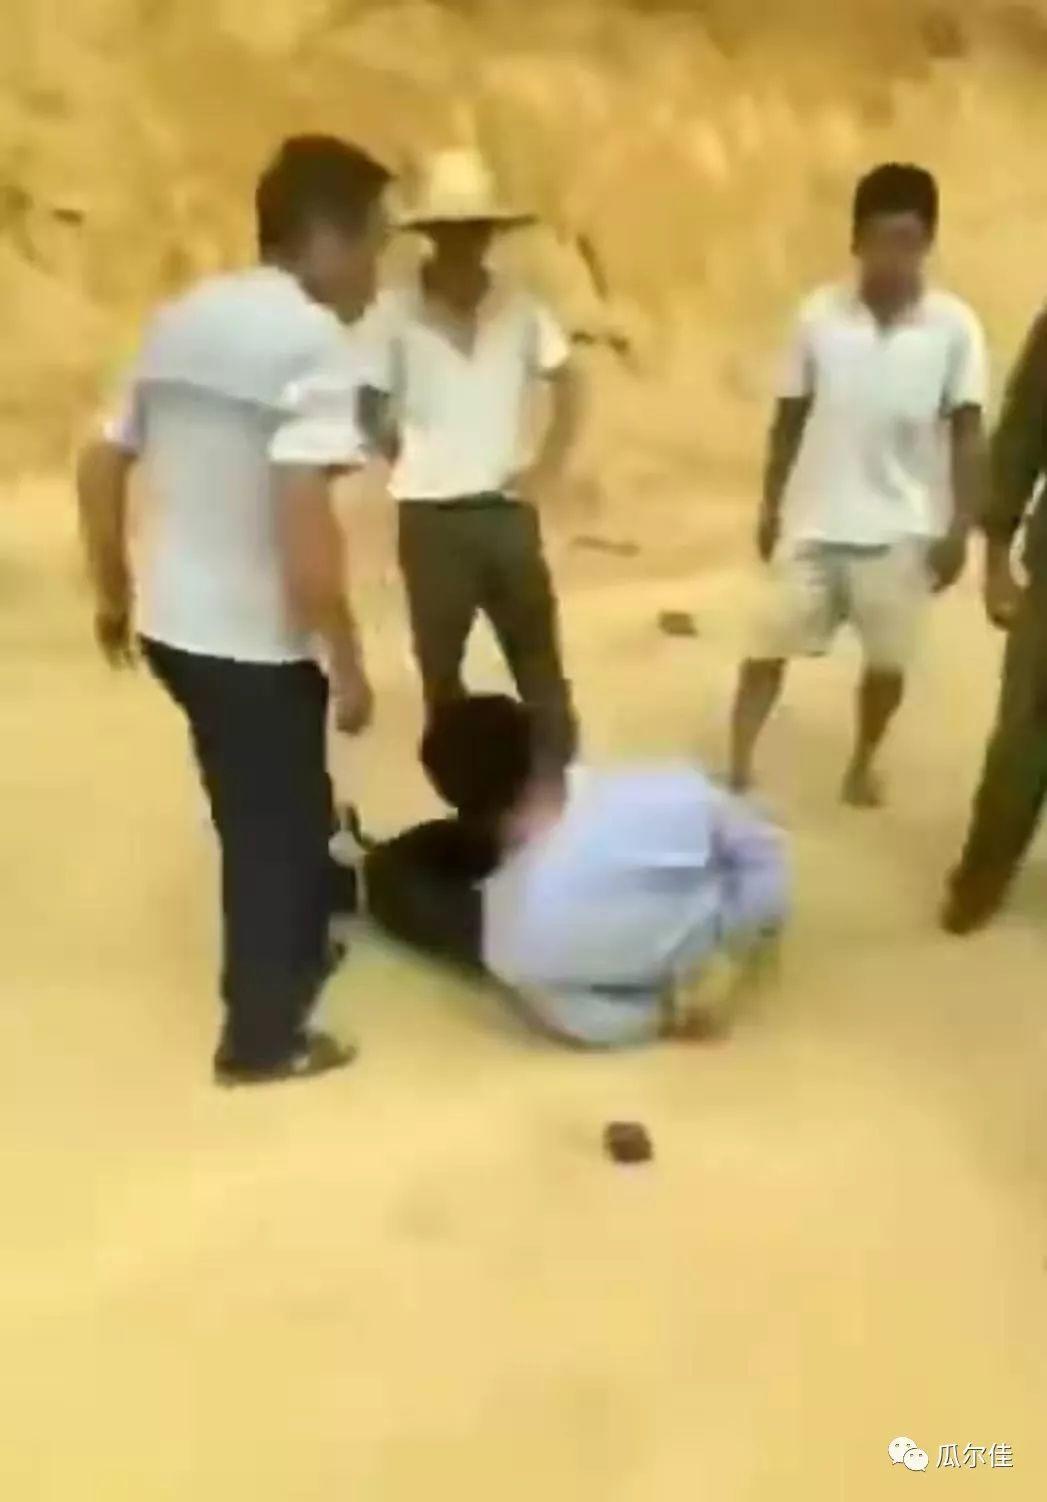 """广西民警遭歹徒捆绑殴打!""""天高路远""""就可以胡作非为?"""